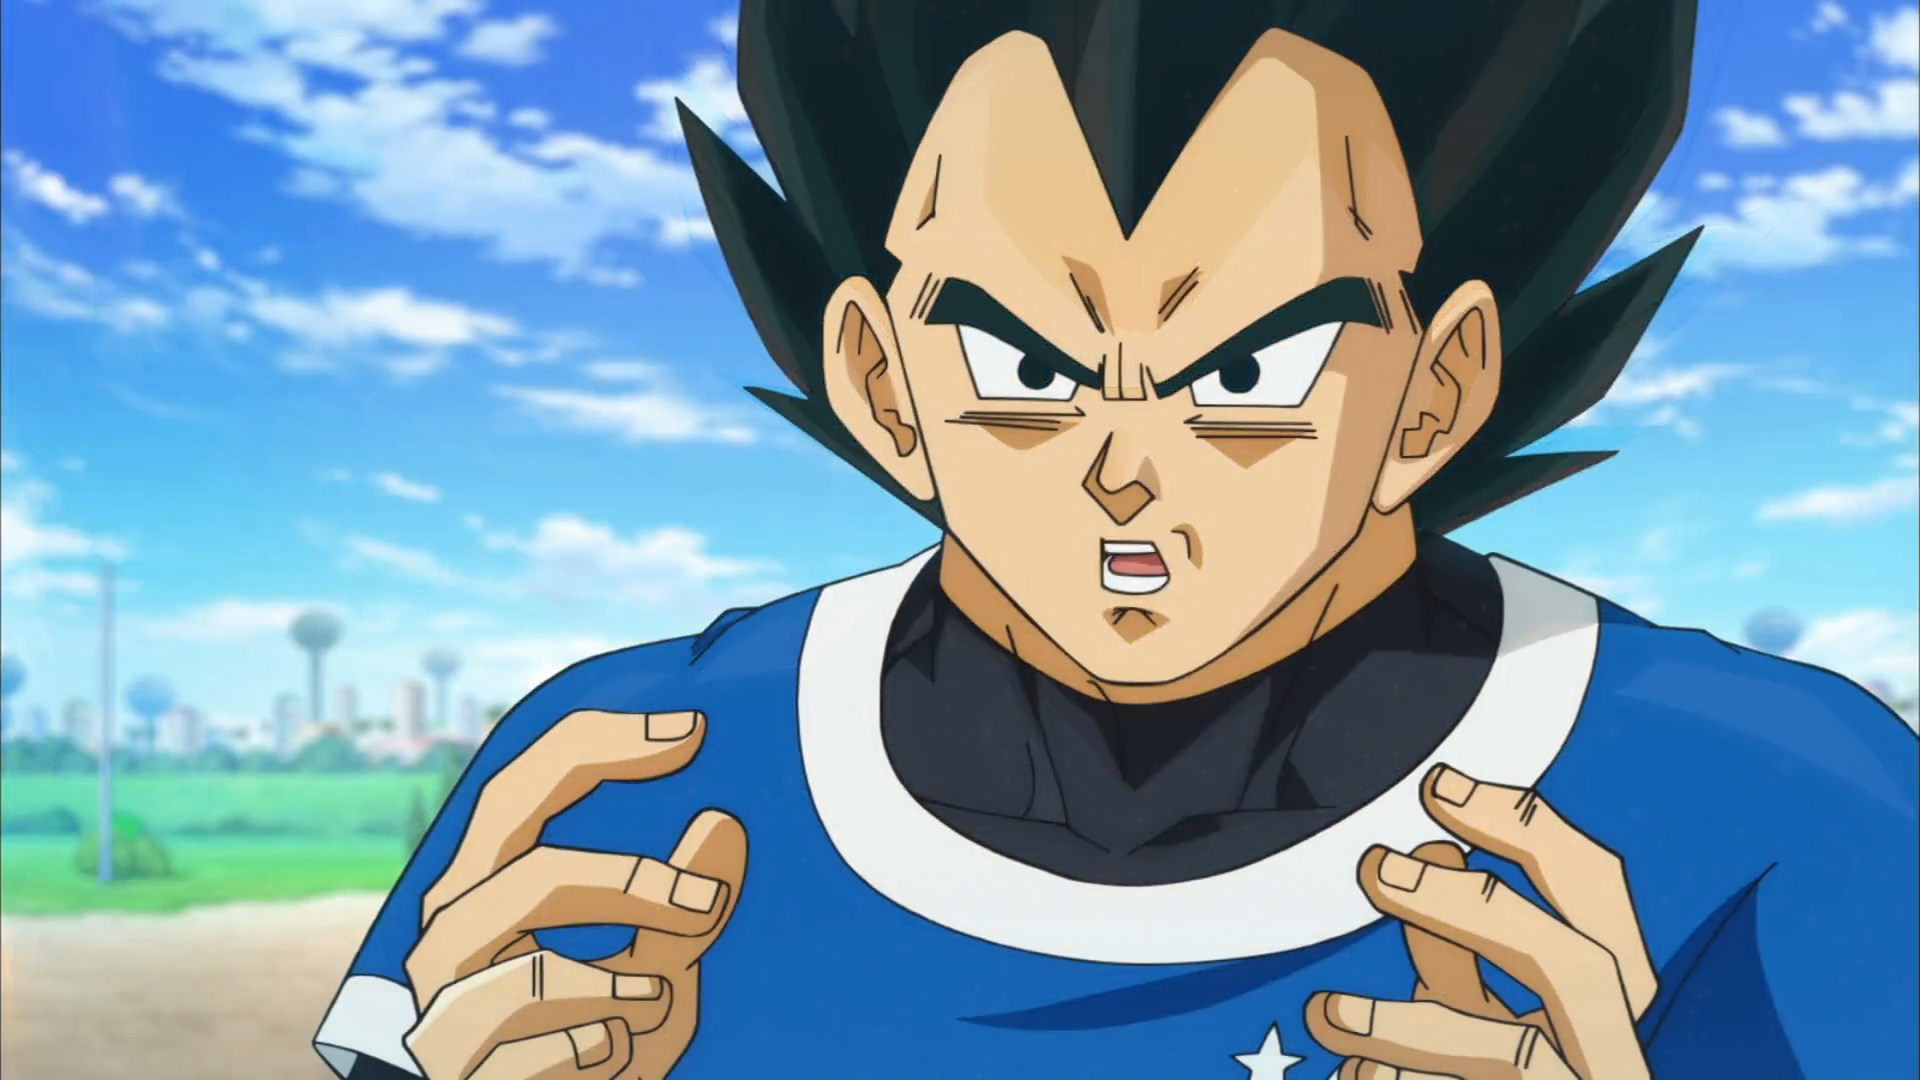 [DS] Dragon Ball Super 070 [1080p].mkv_snapshot_16.16_[2016.12.11_03.52.50]